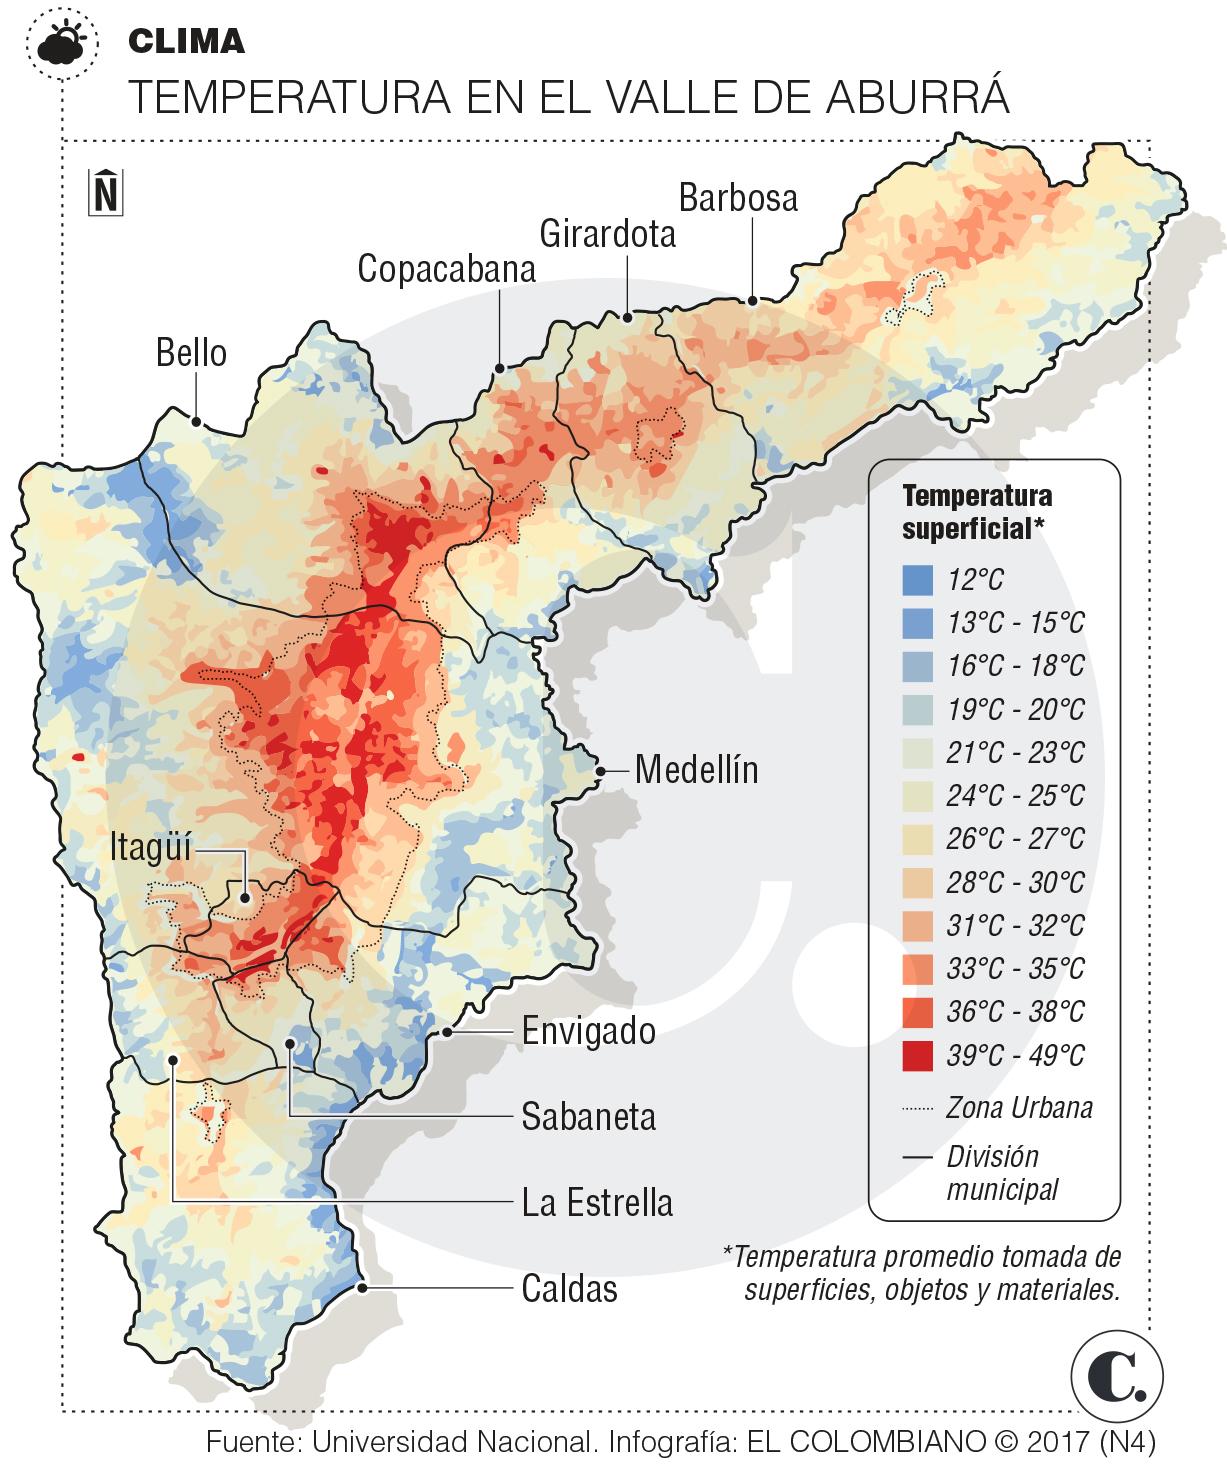 Lugares donde hace más calor en Medellín